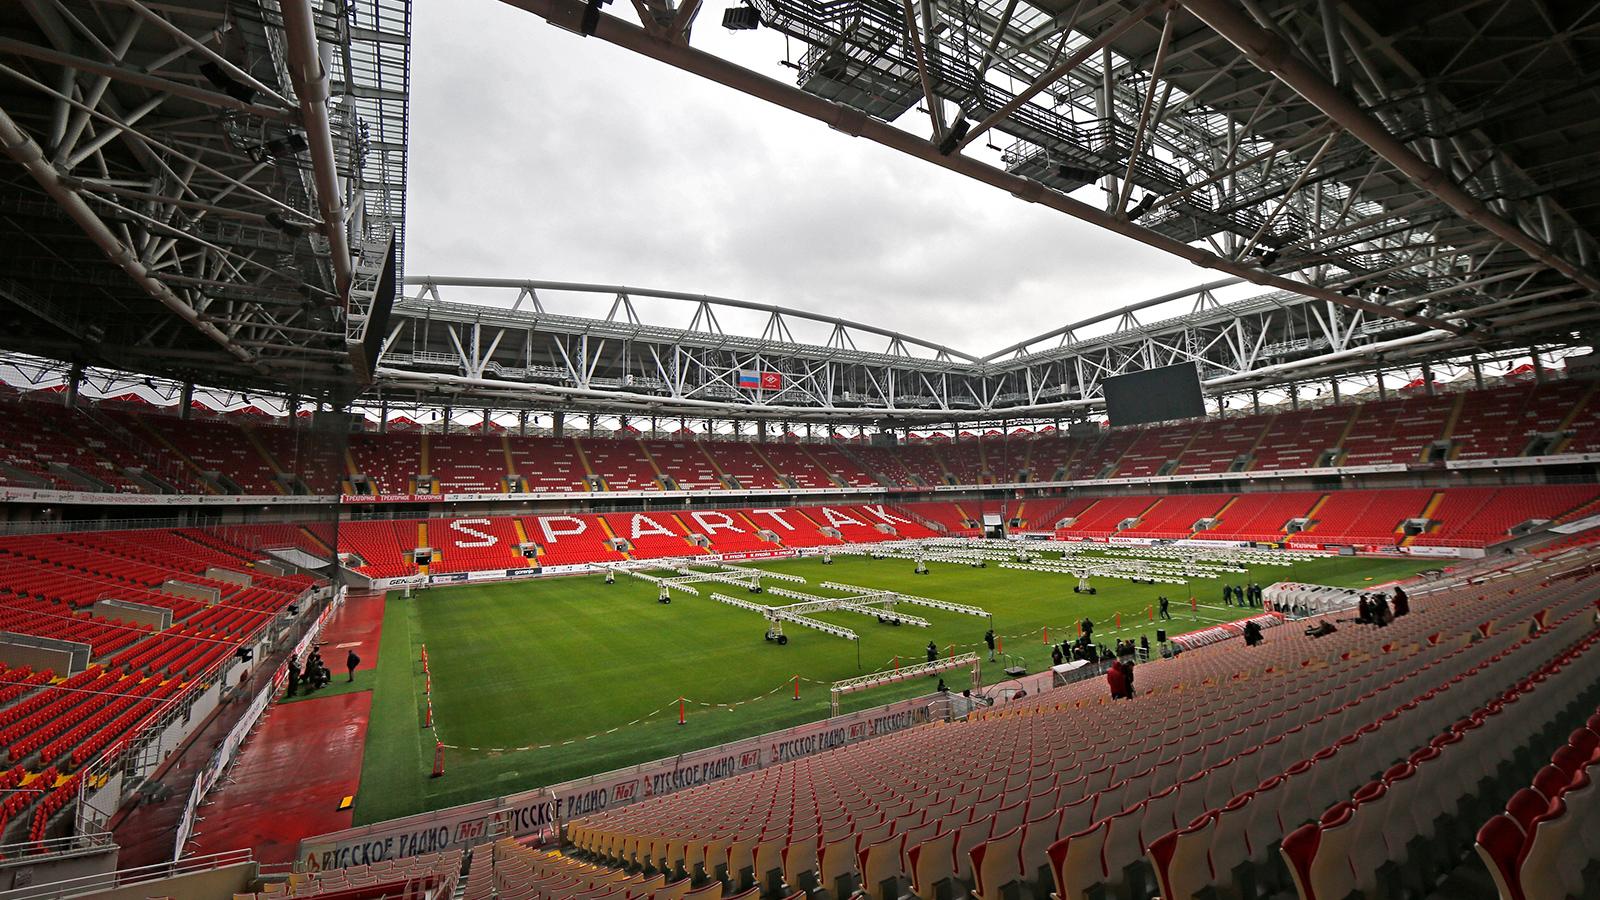 Sede Otkrytie Arena (Spartak)